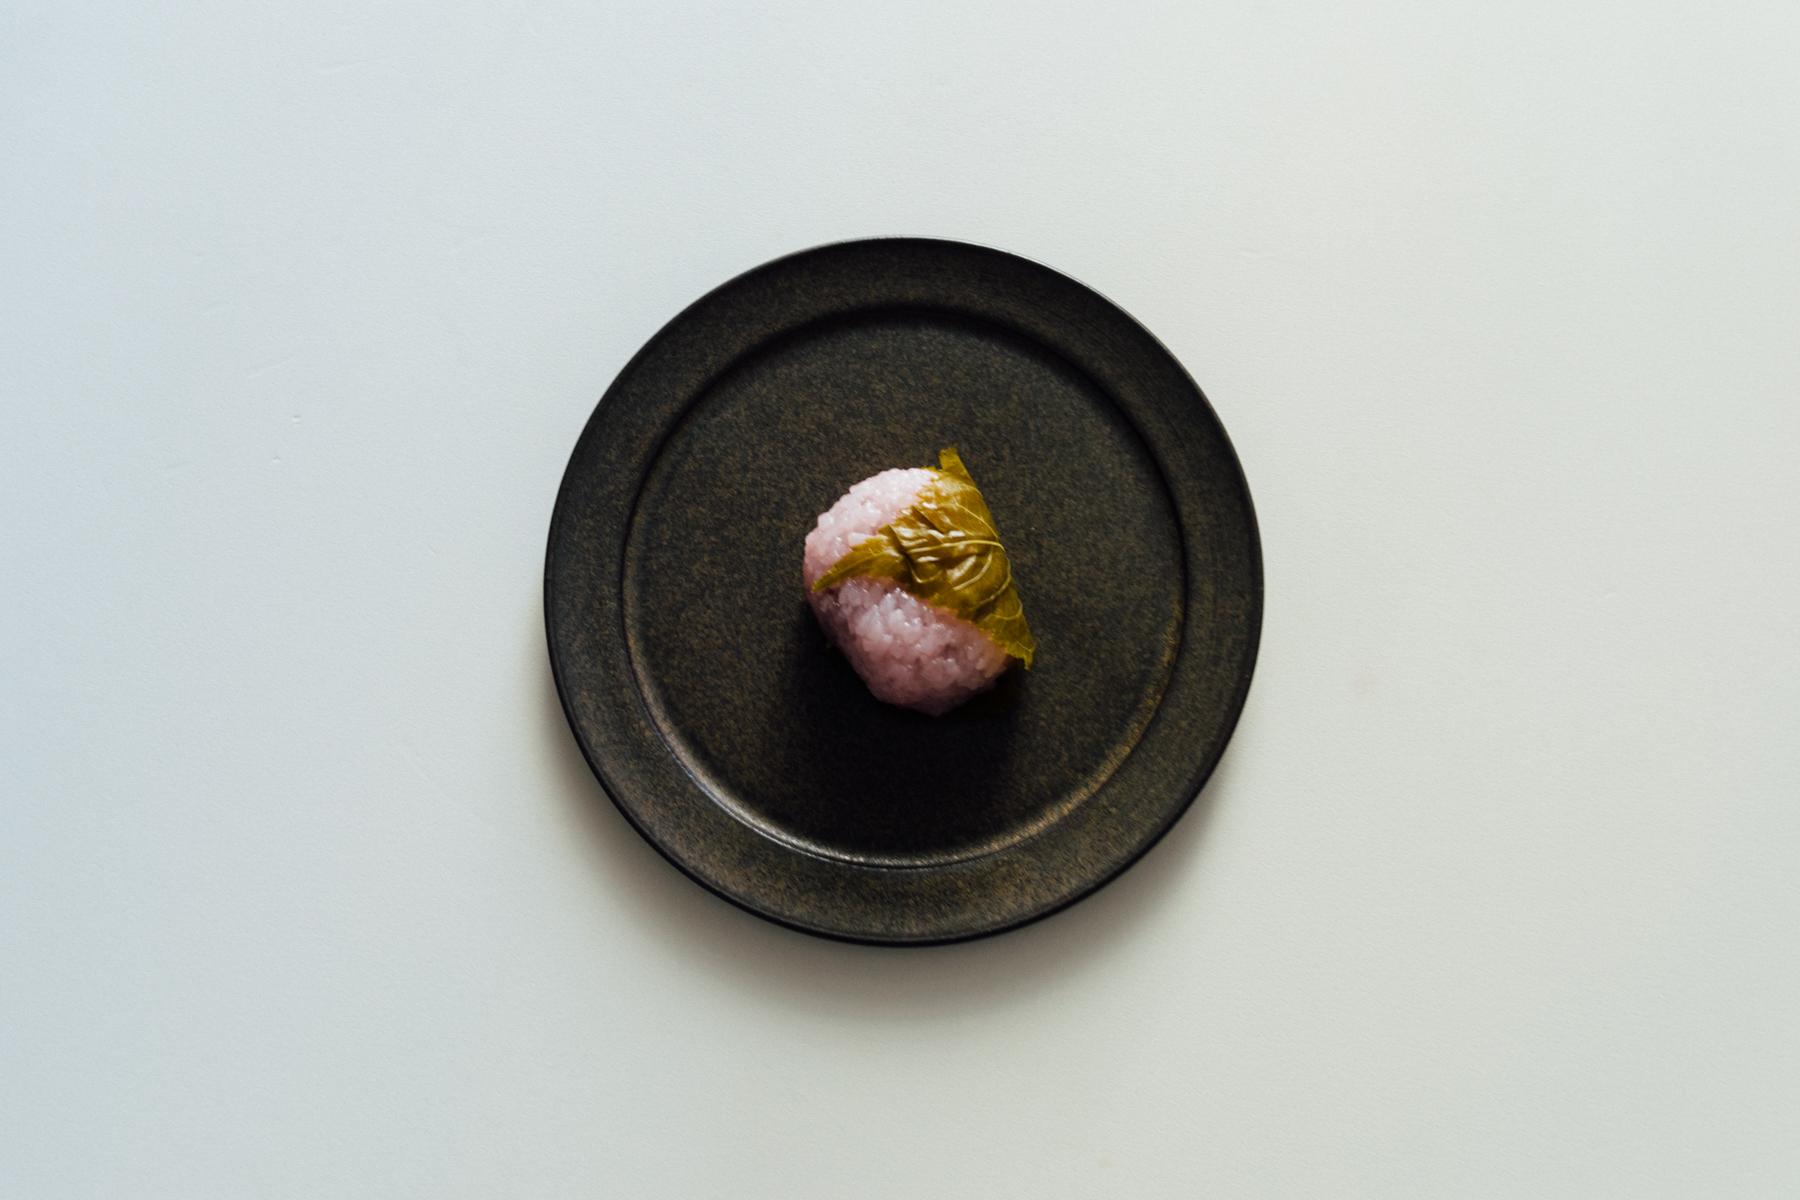 伊勢屋の桜餅